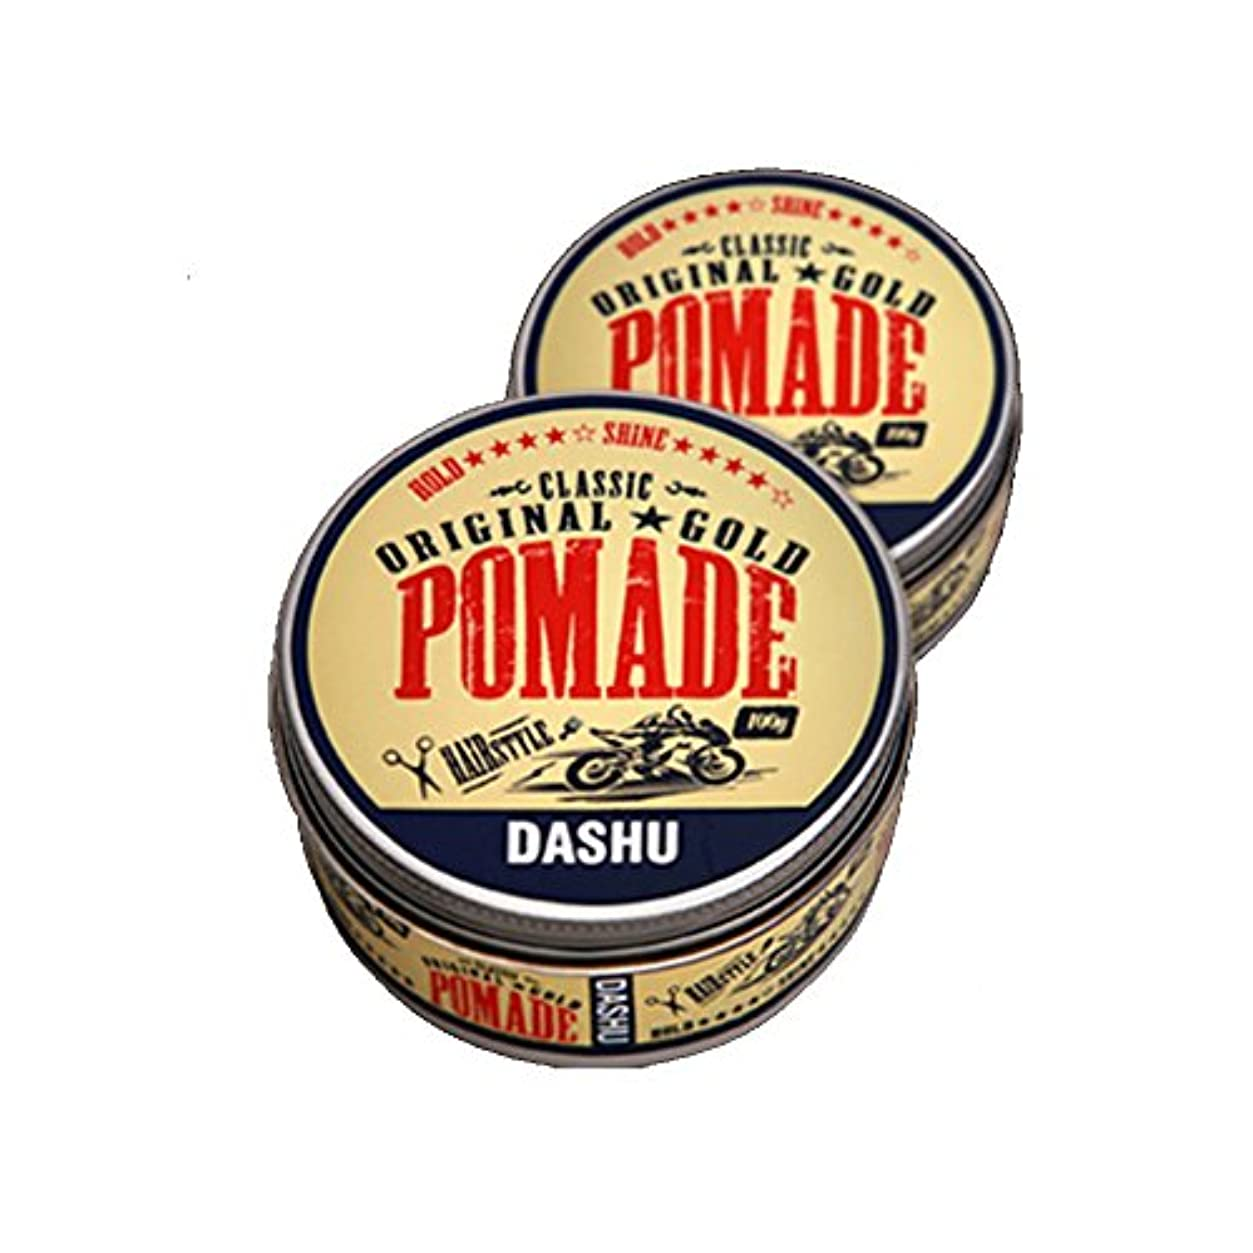 概してボクシングリスキーな(2個セット) x [DASHU] ダシュ クラシックオリジナルゴールドポマードヘアワックス Classic Original Gold Pomade Hair Wax 100ml / 韓国製 . 韓国直送品